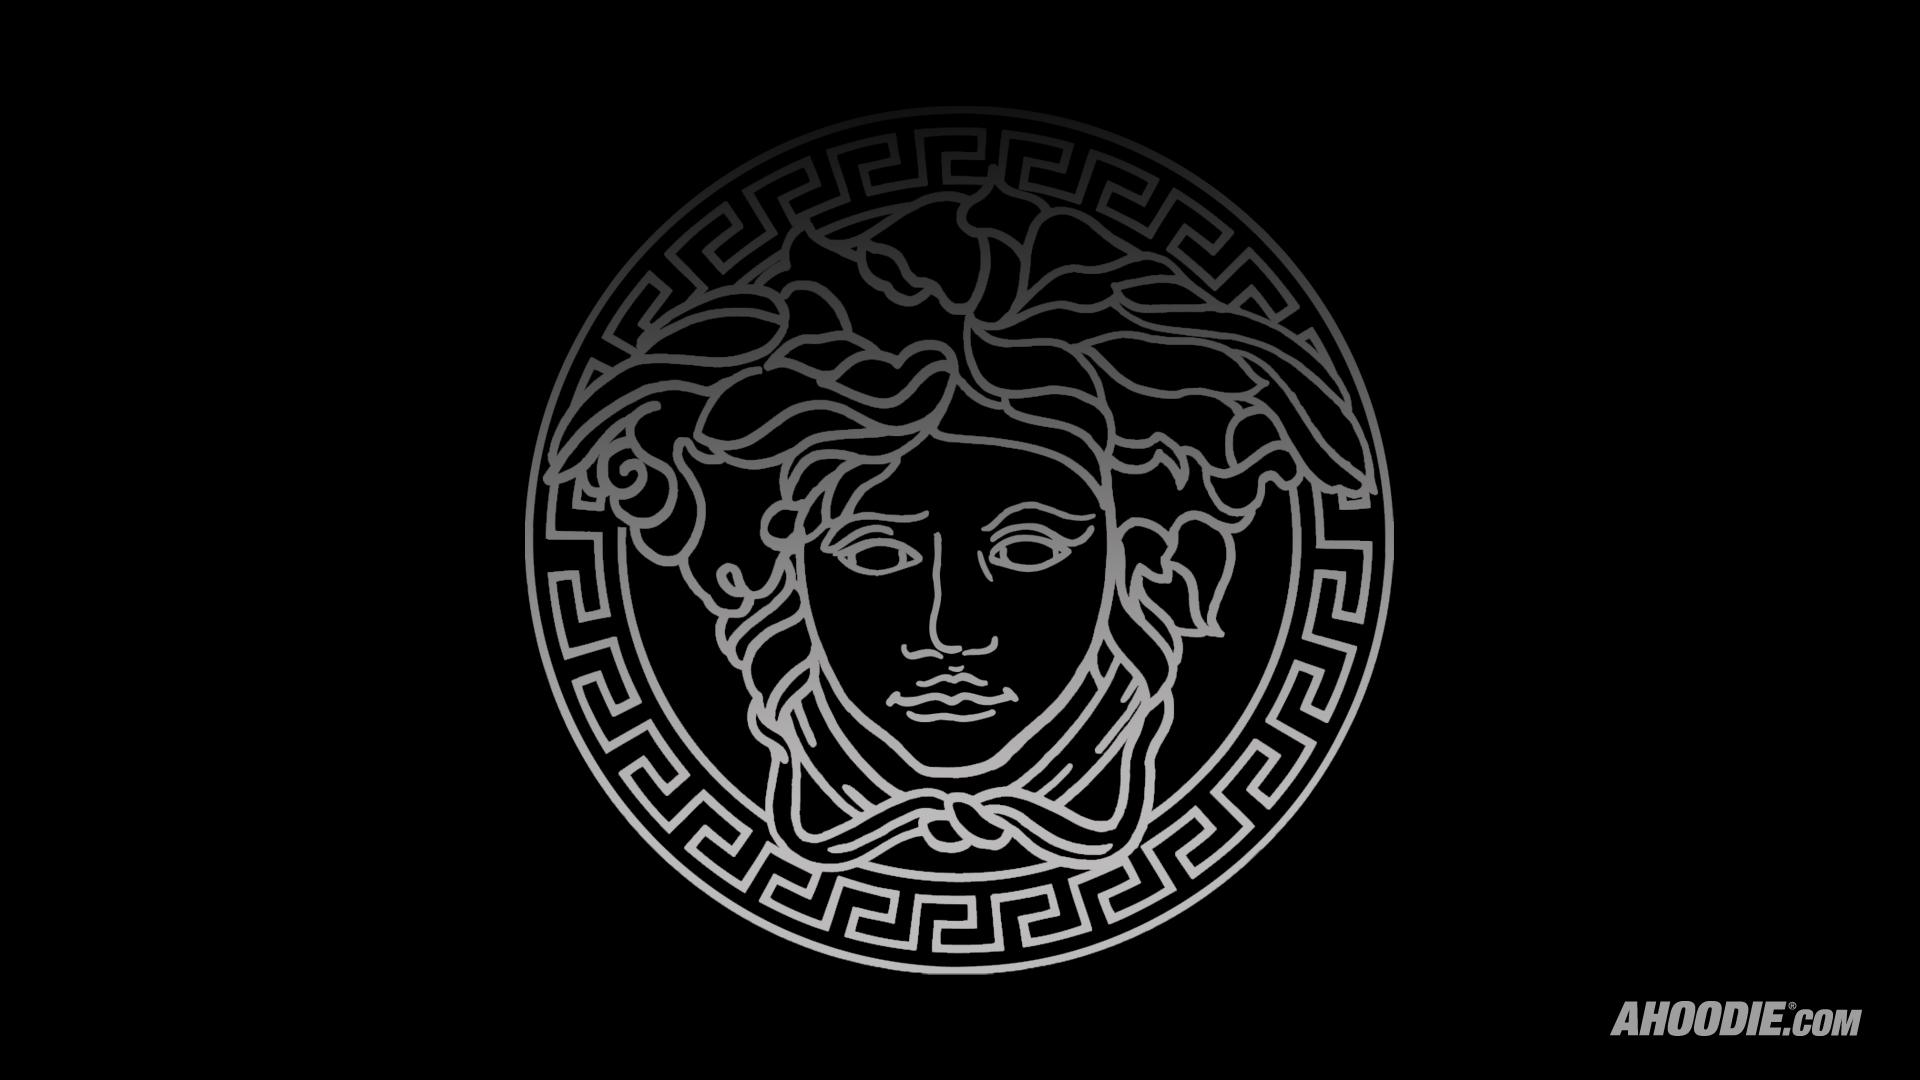 Versace iphone wallpaper wallpapersafari - Versace logo wallpaper hd ...